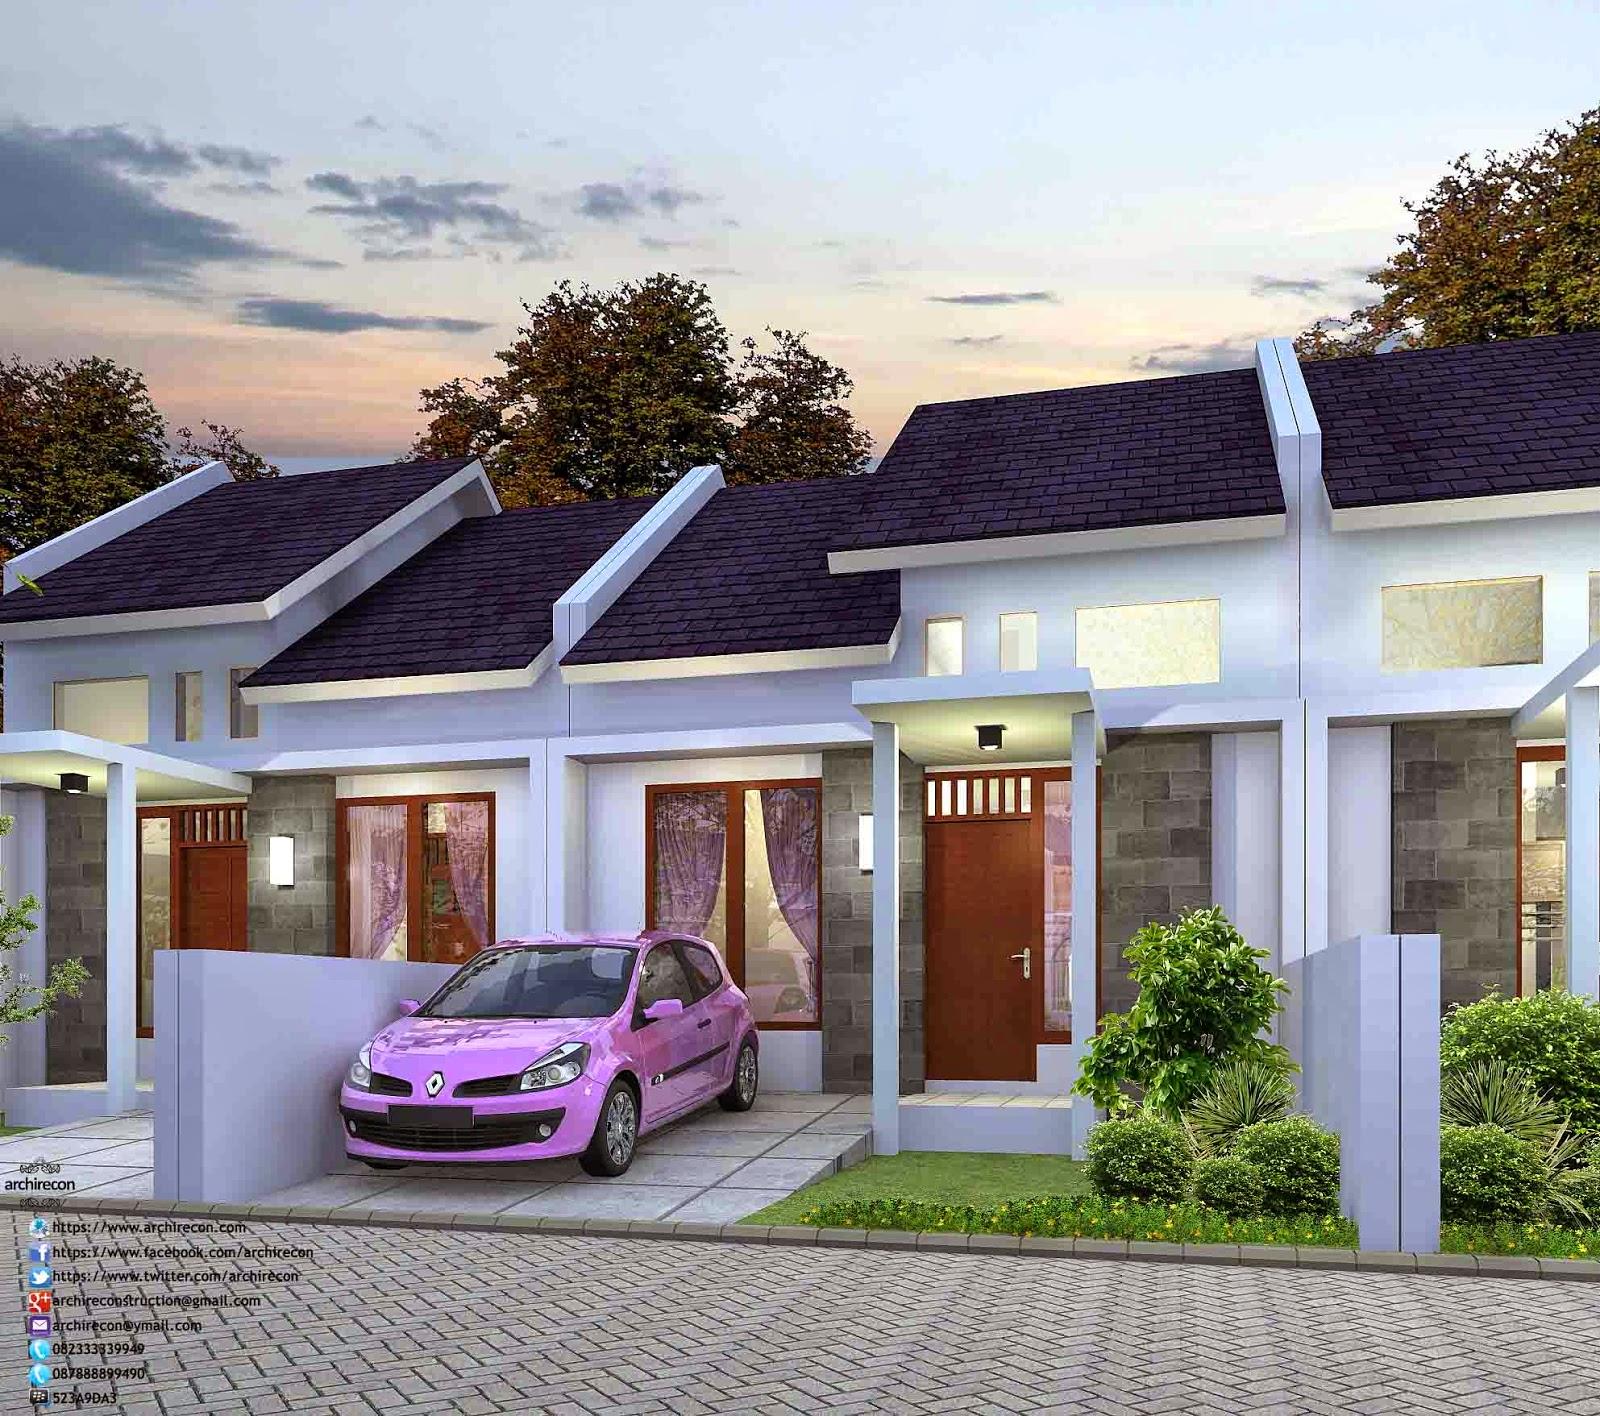 Desain Rumah Minimalis - Type 36 3D View